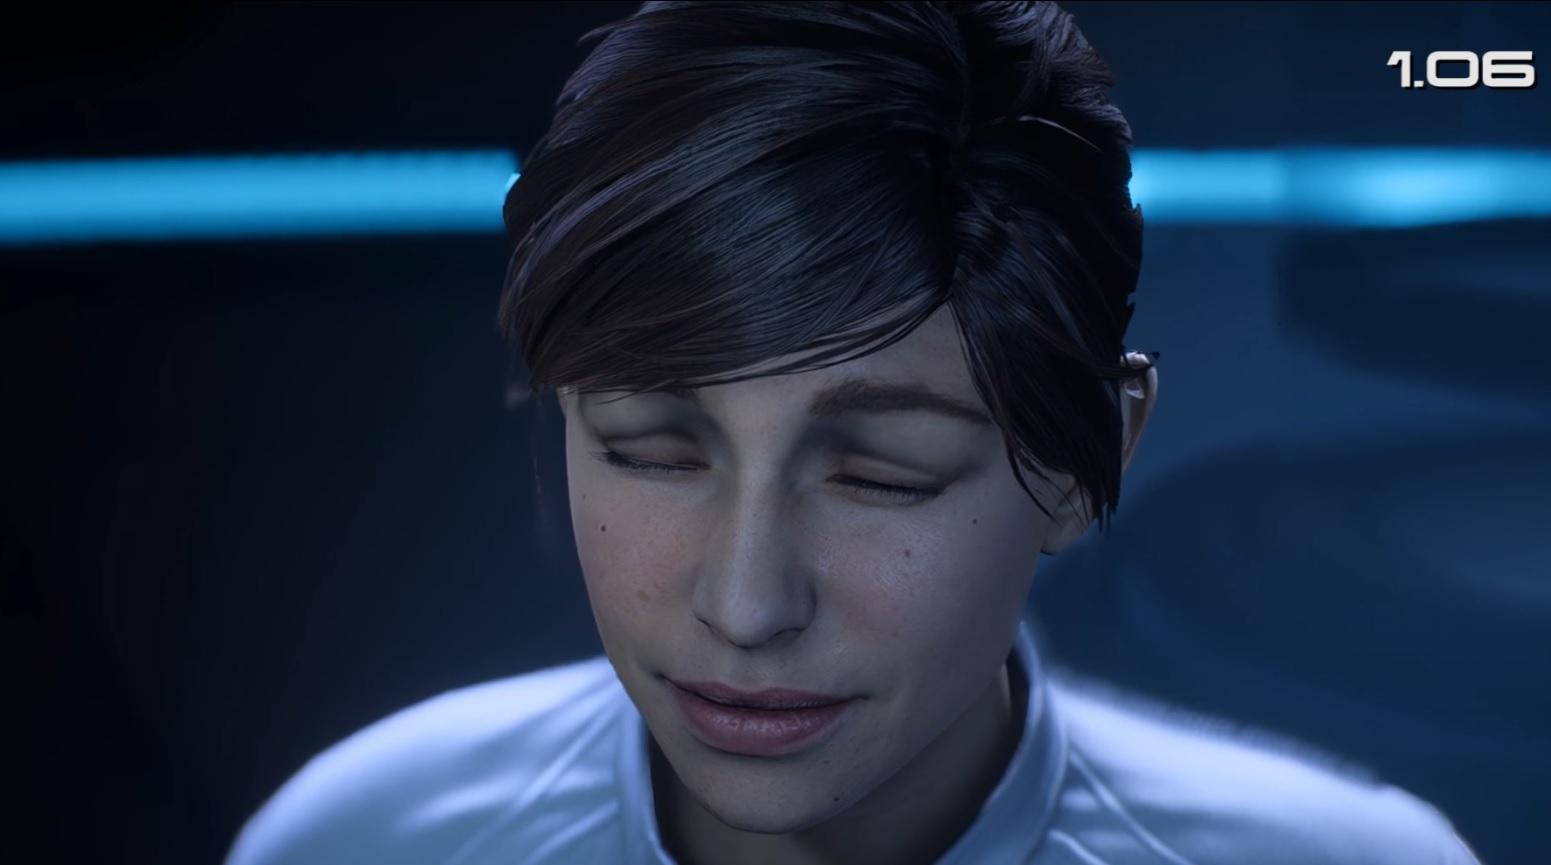 Mass Effect Andromeda Ryder 106